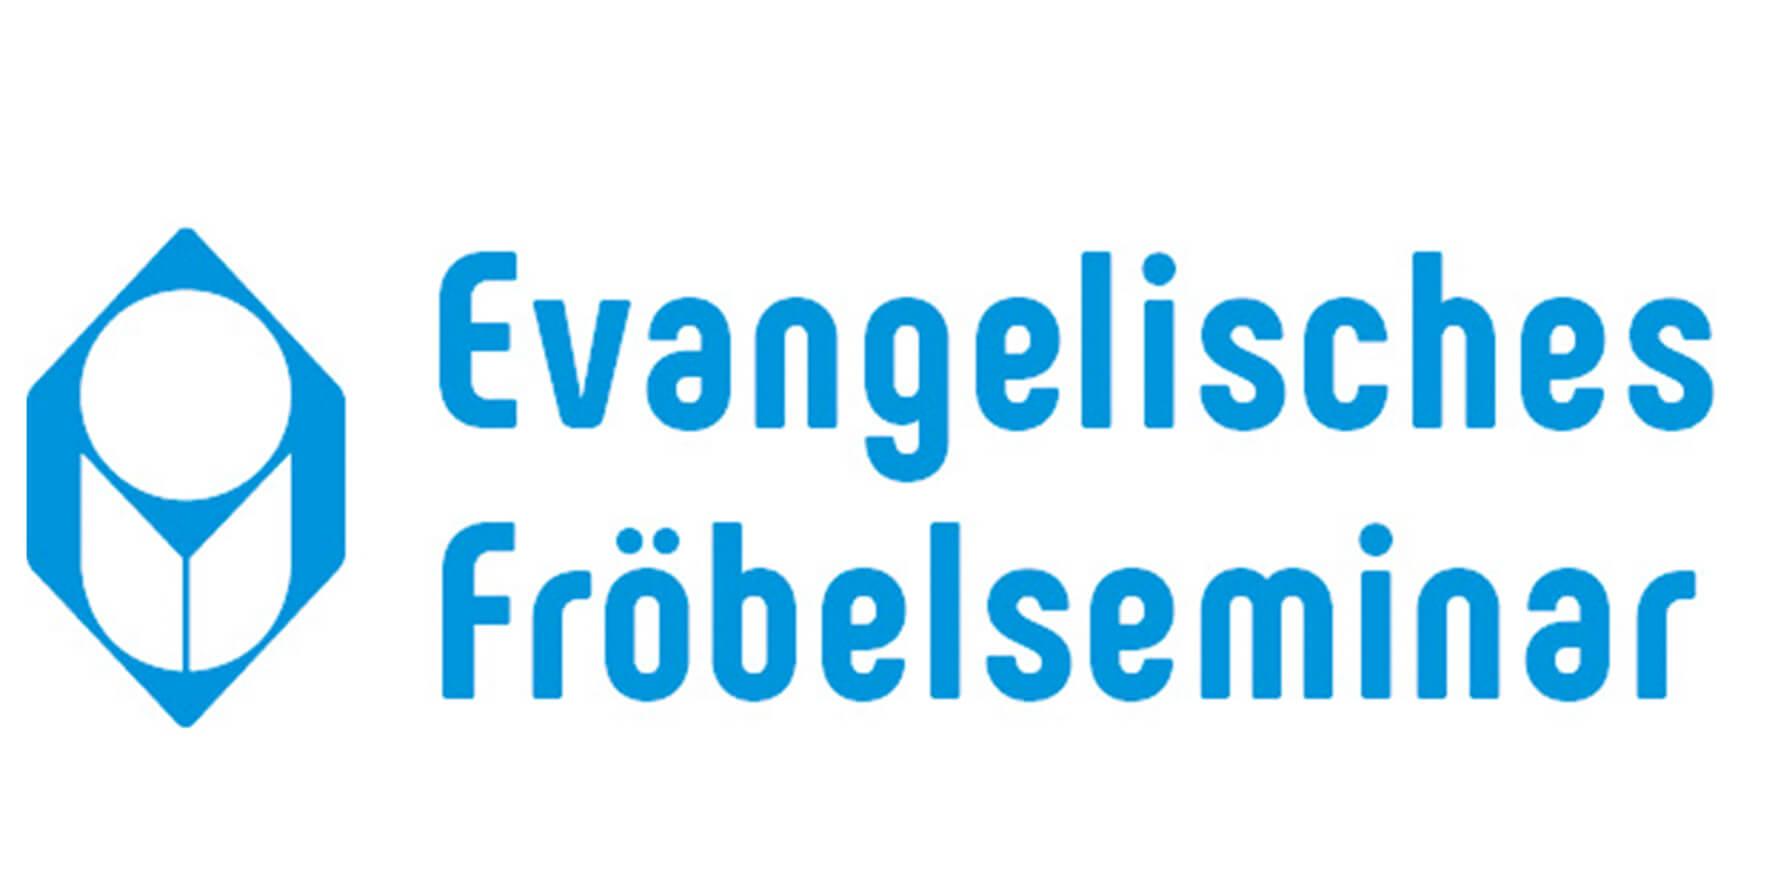 Evangelisches Fröbelseminar